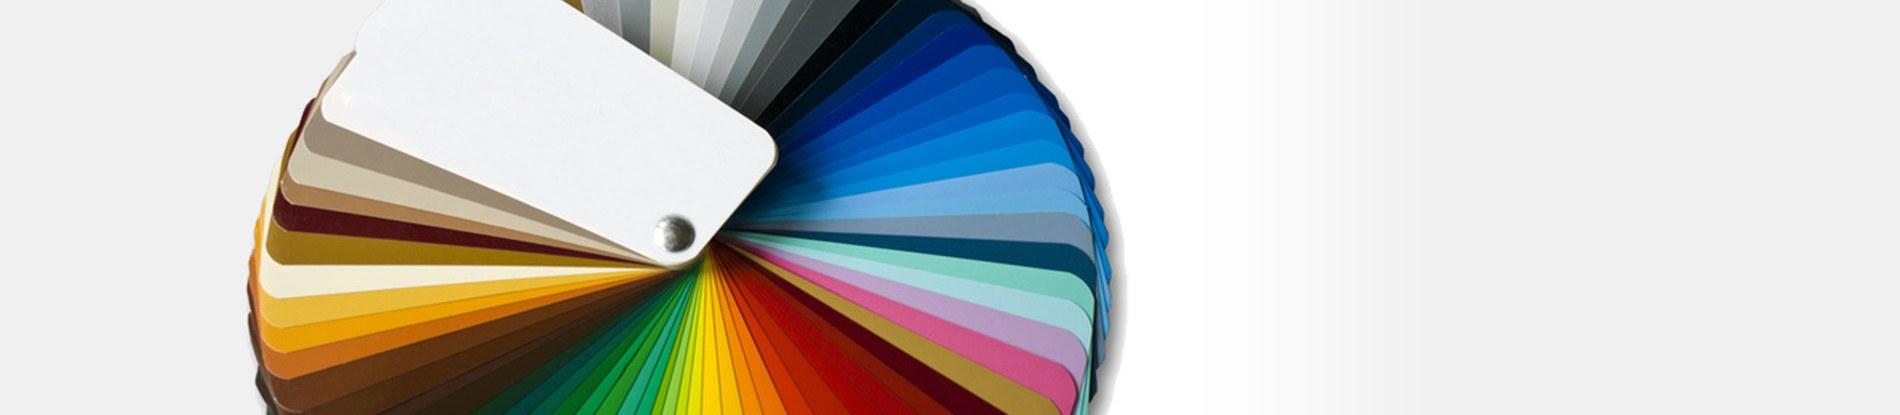 Kunststofffenster farben  Kunststofffenster Farben und Dekore | neuffer.de